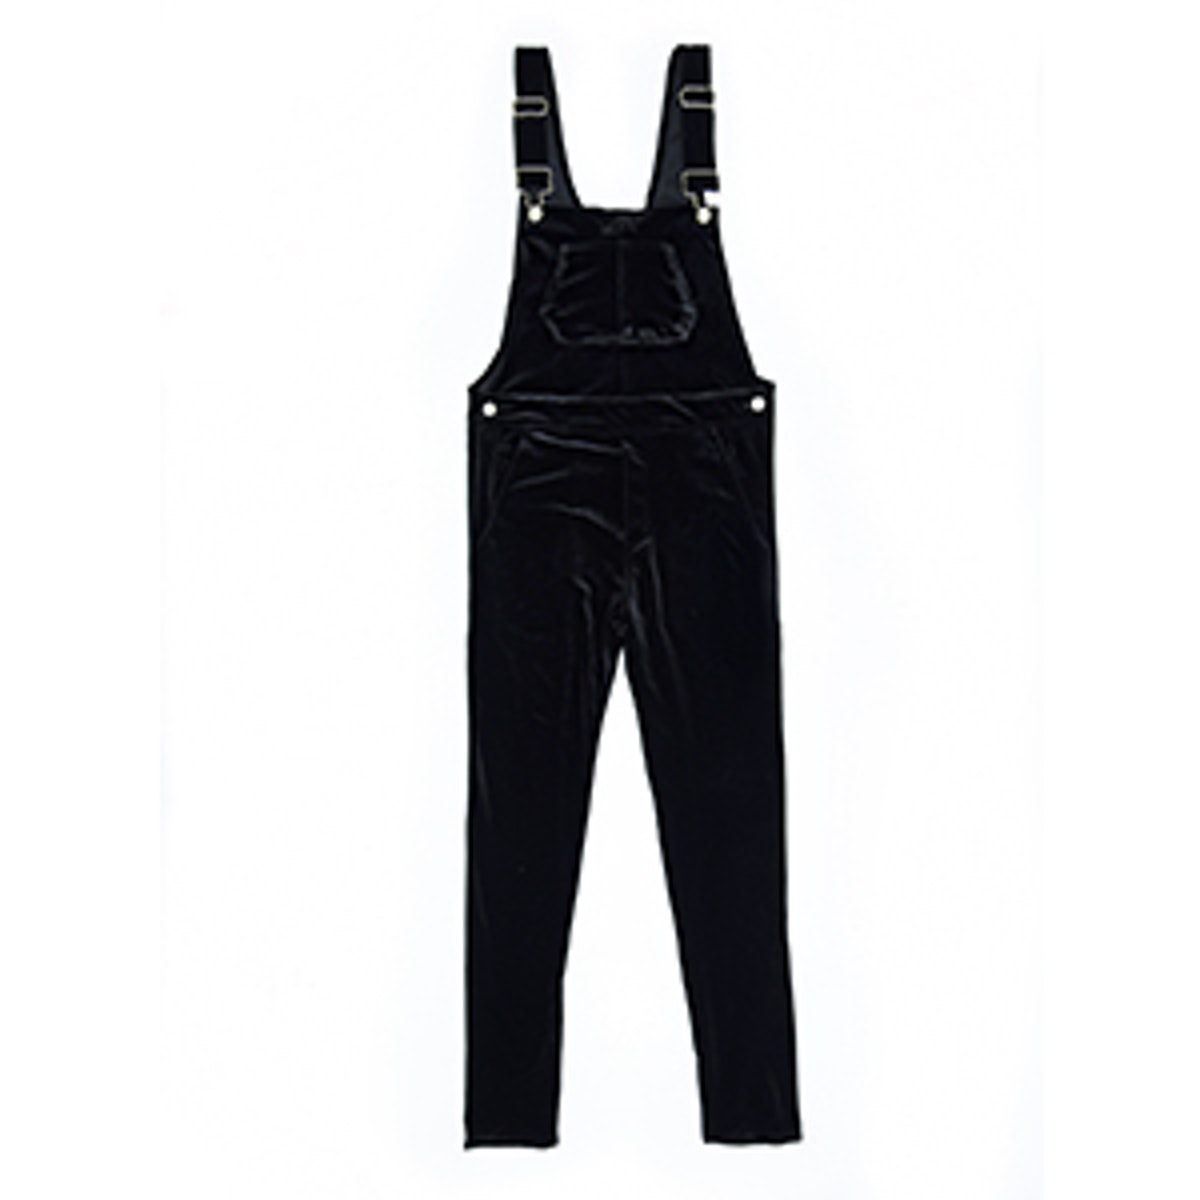 Black Velvet Overalls